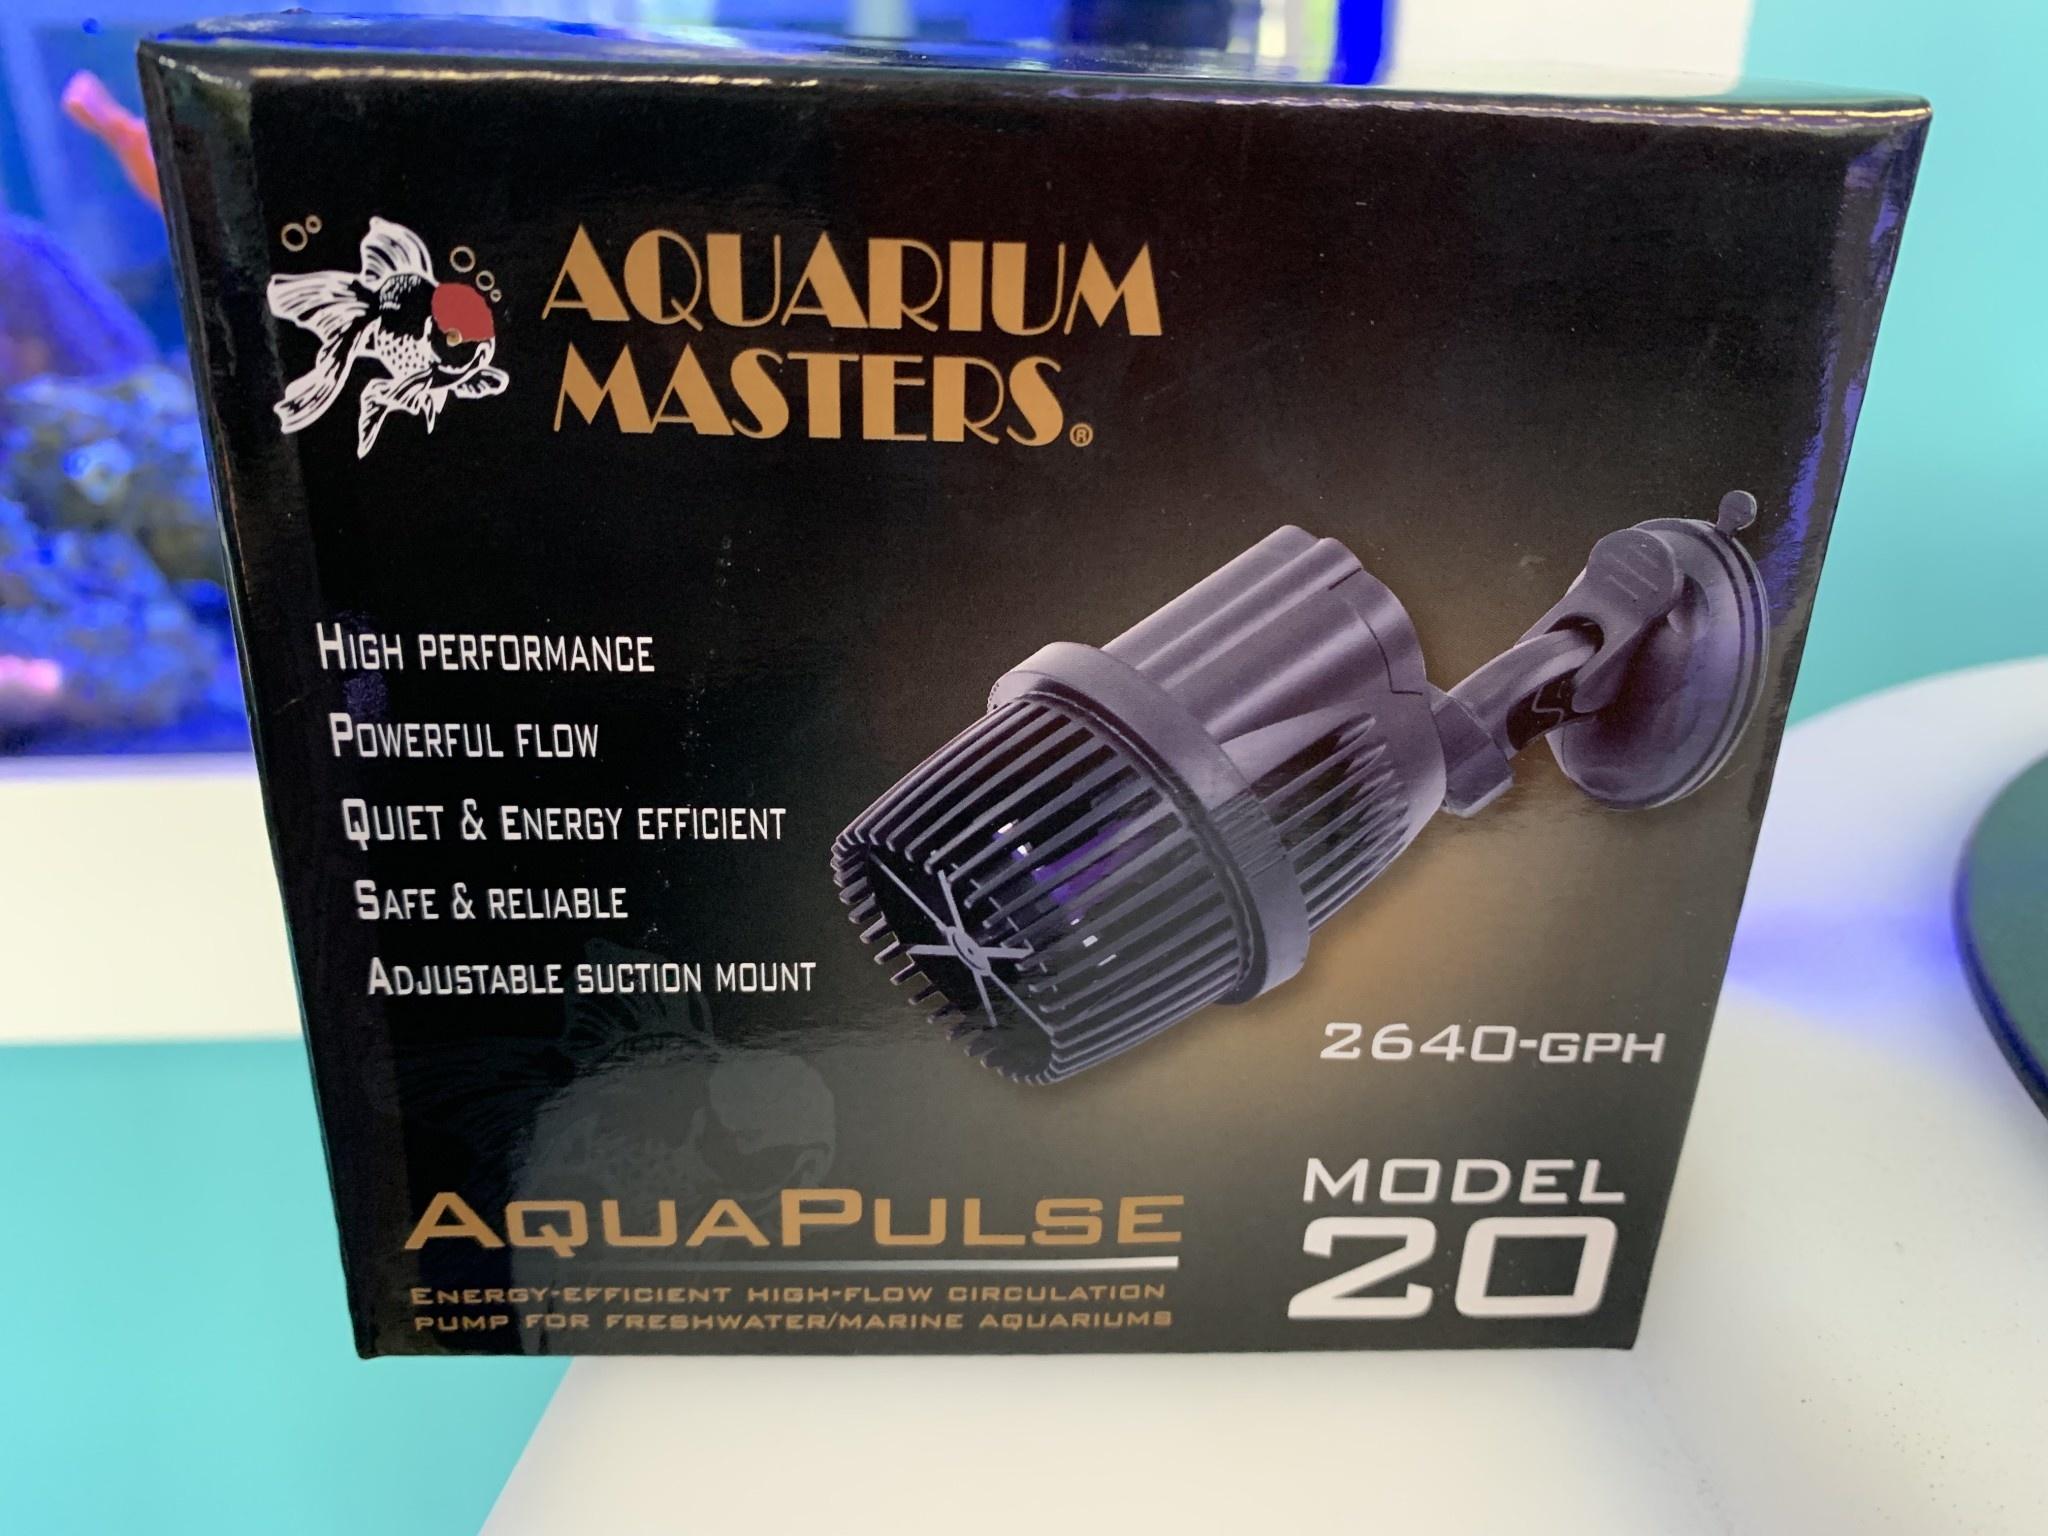 Aquapulse Model 20 PowerHead